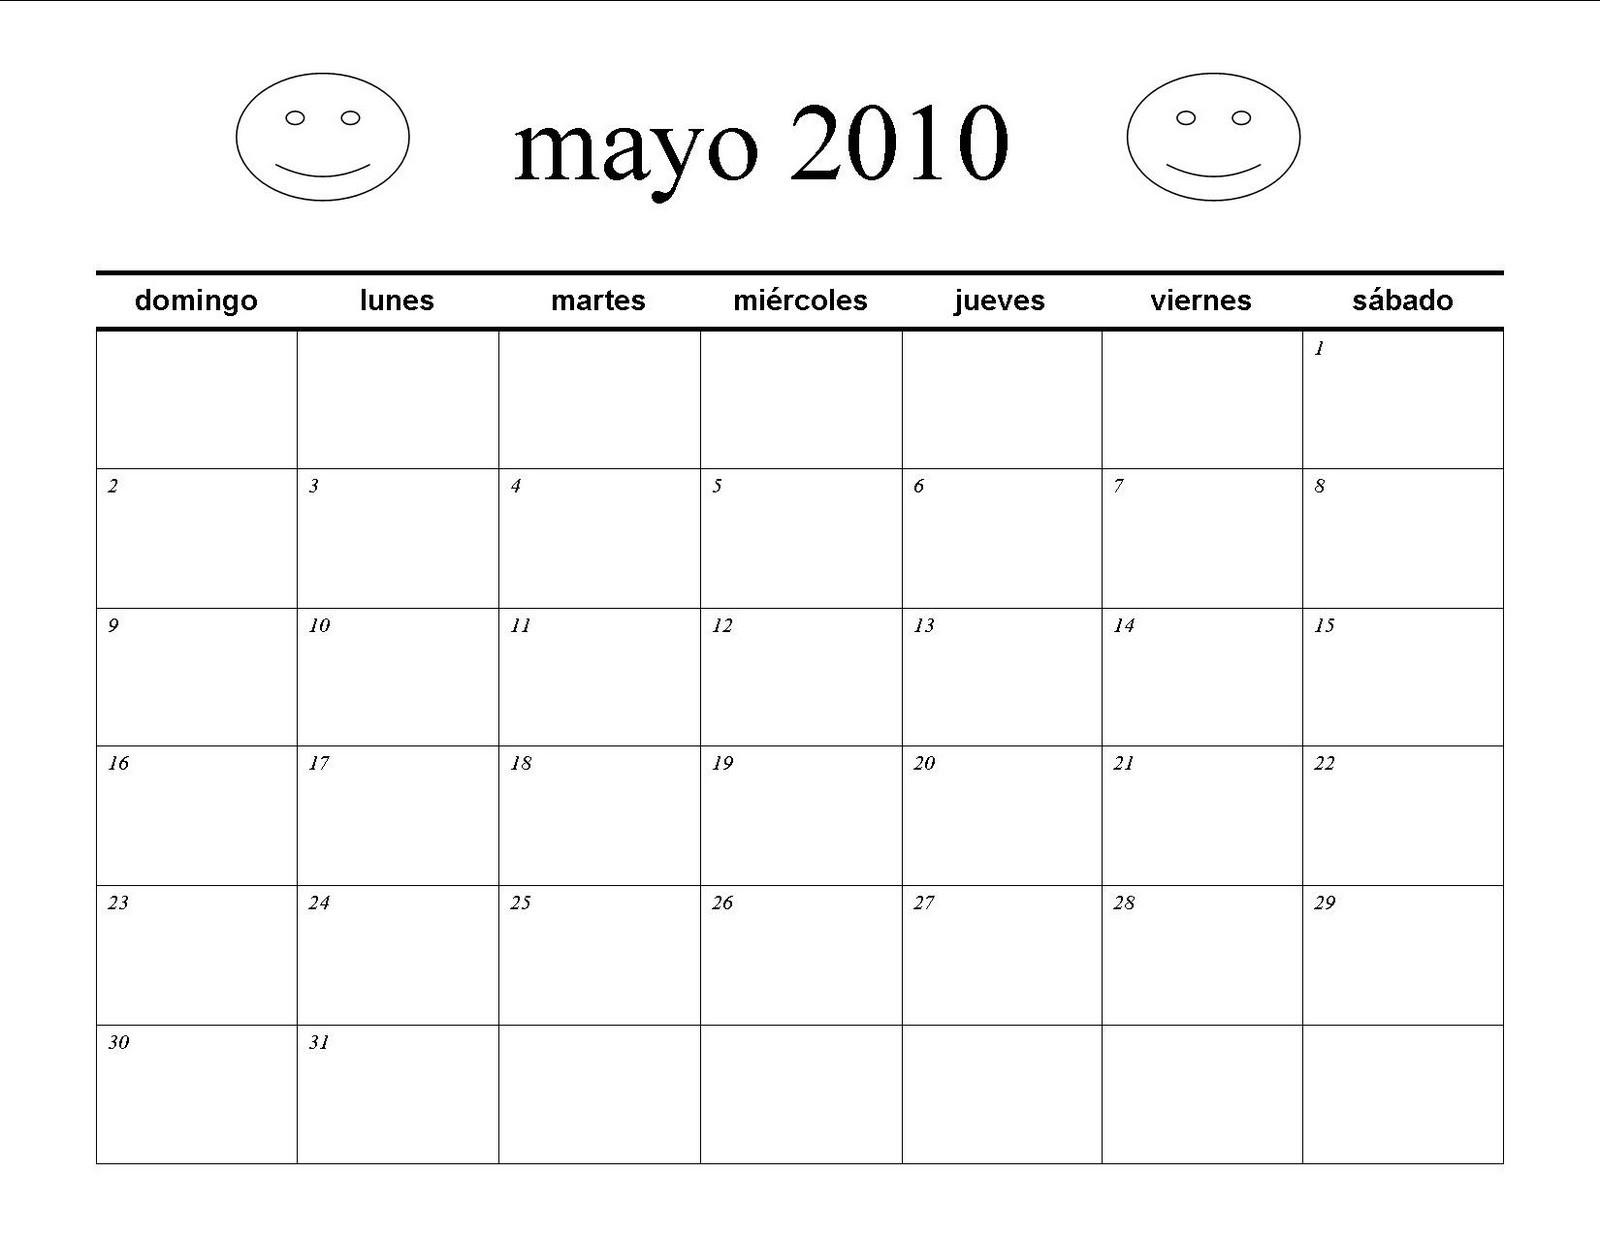 Calendario Imprimir Vertex Más Reciente Blank Spanish Calendar Golfclub Of Calendario Imprimir Vertex Más Recientes Printable Blank Run Charts Architecture Modern Idea •